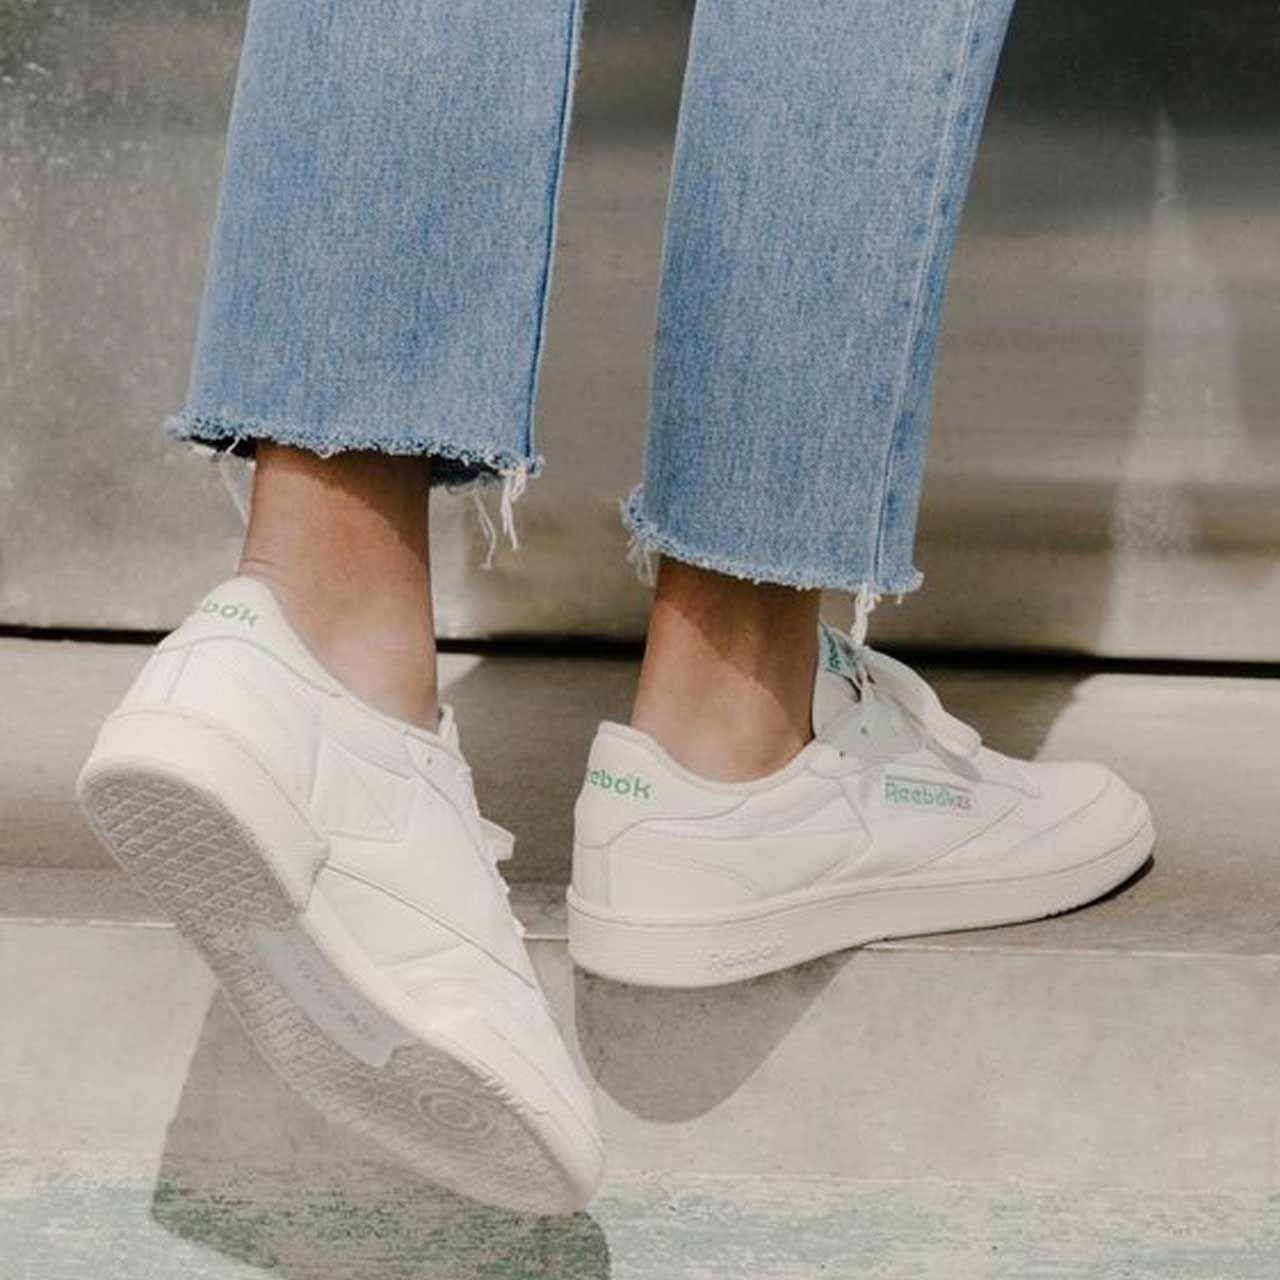 Probablemente Pulido profundidad  Reebok Club C 85 Vintage Sneaker (con imágenes) | Moda con zapatillas,  Outfits con zapatillas, Zapatillas vintage